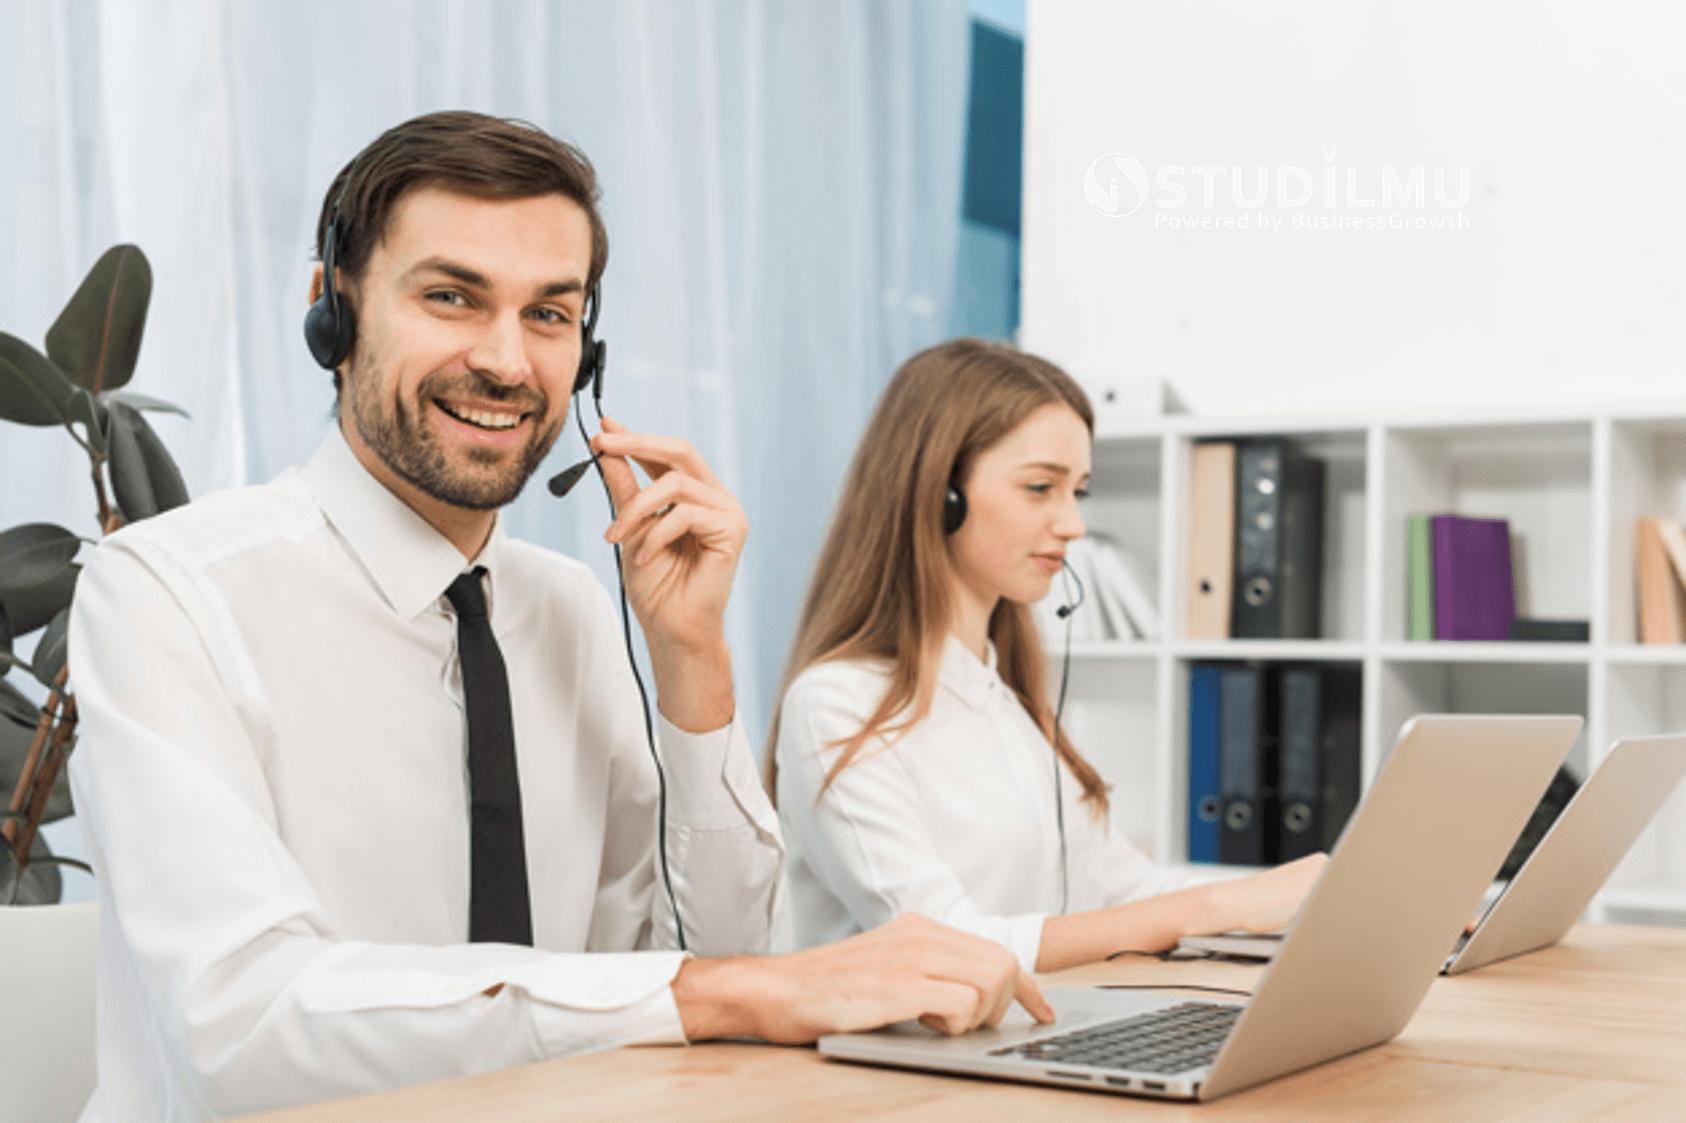 STUDILMU Career Advice - Menghadapi Keluhan Pelanggan secara Profesional